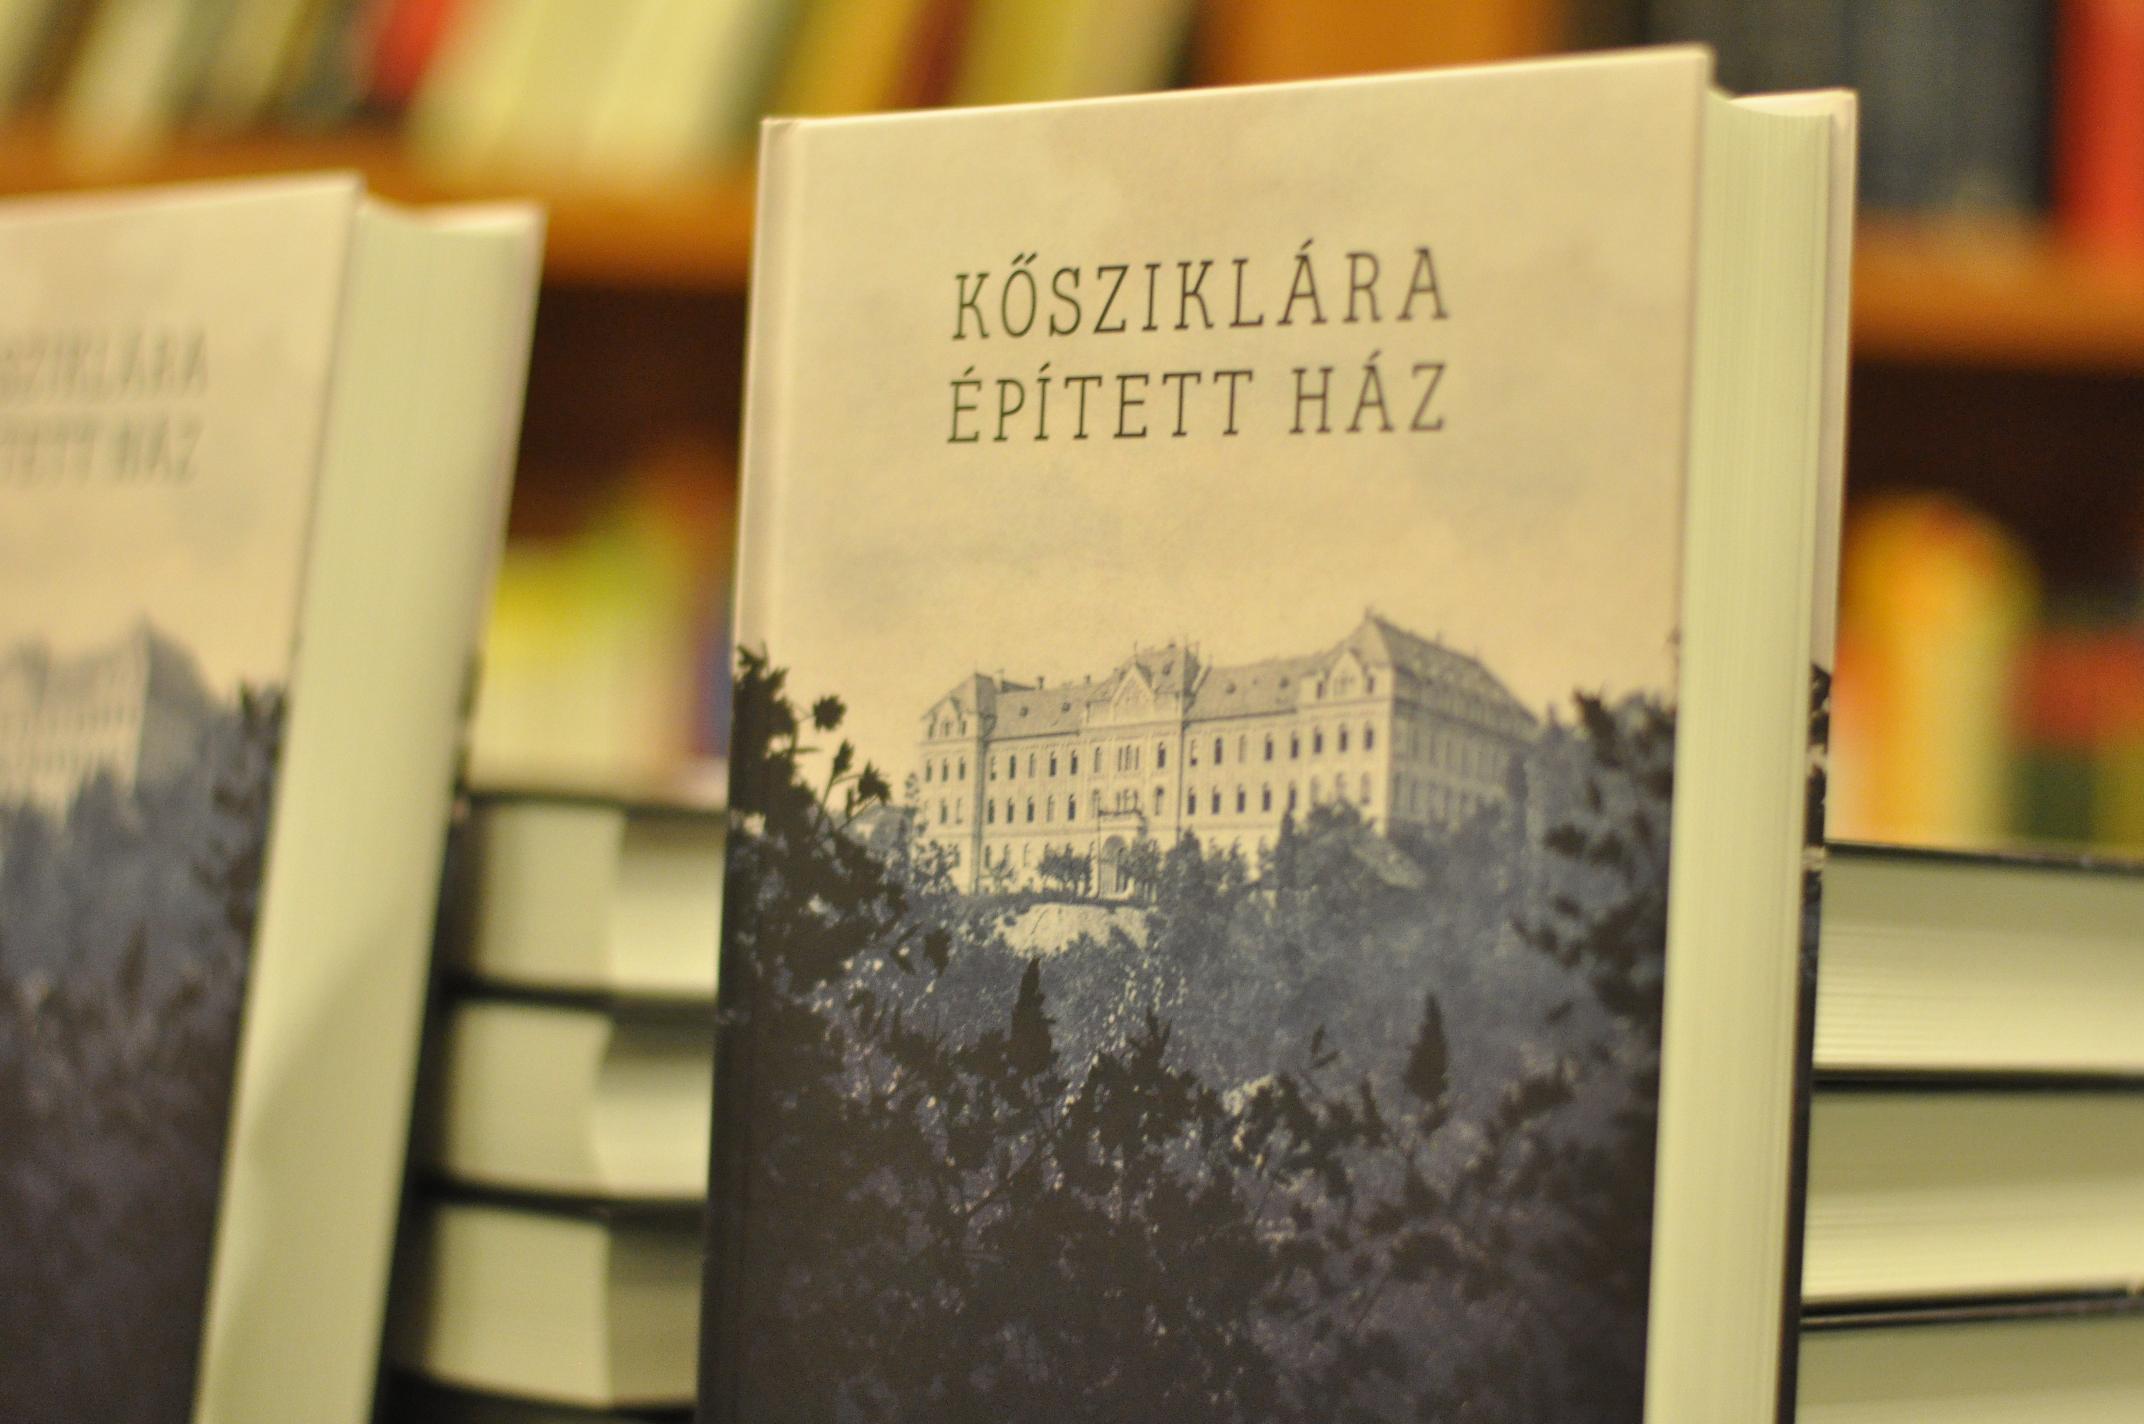 Kovács István recenziója a Kősziklára épített ház című könyvünkről